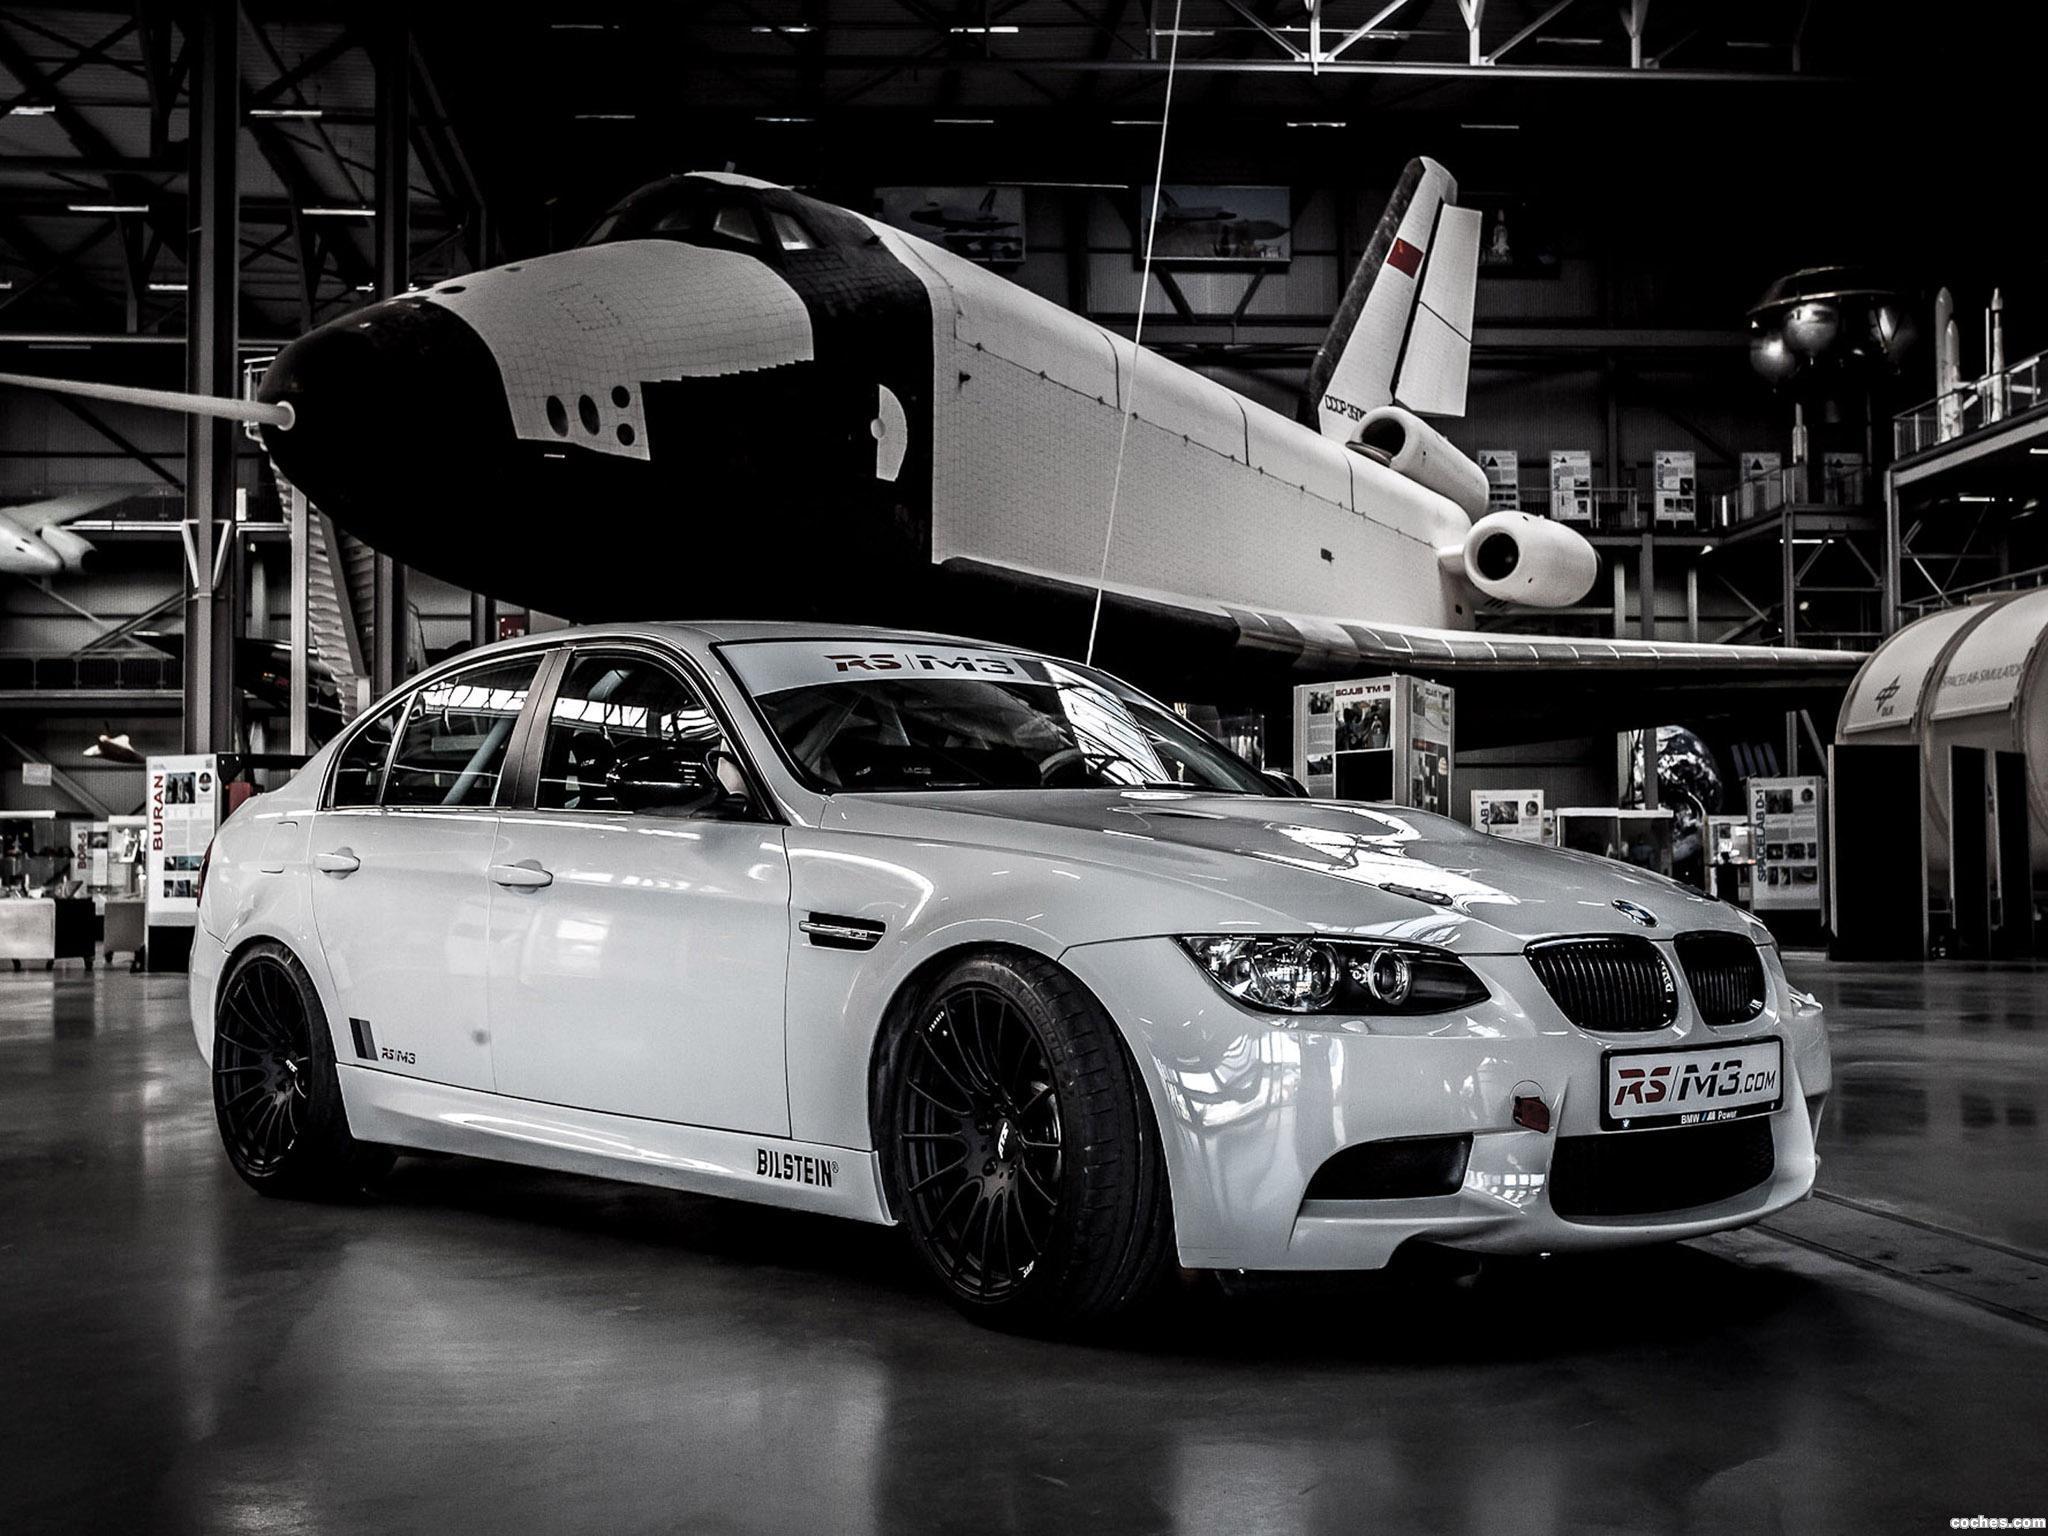 Foto 0 de BMW M3 RS Racingteam 2013